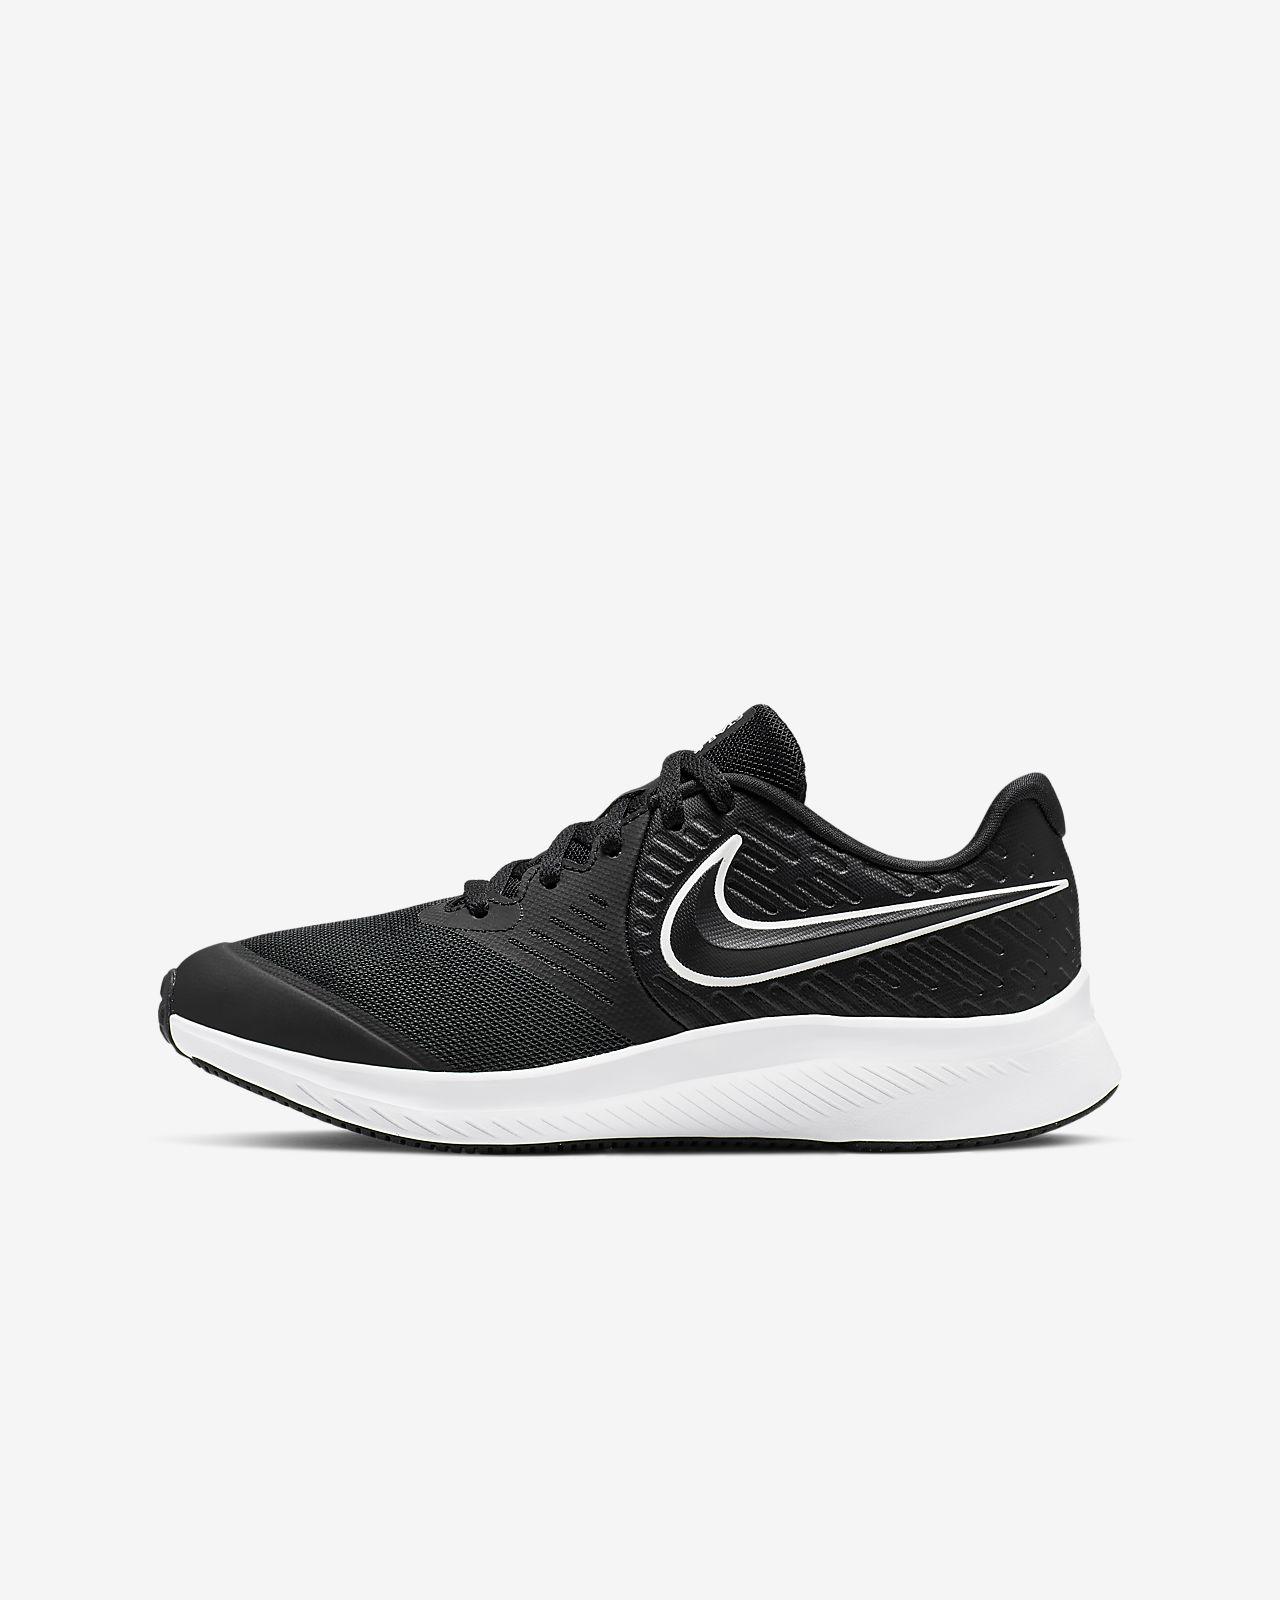 Παπούτσι για τρέξιμο Nike Star Runner 2 για μεγάλα παιδιά